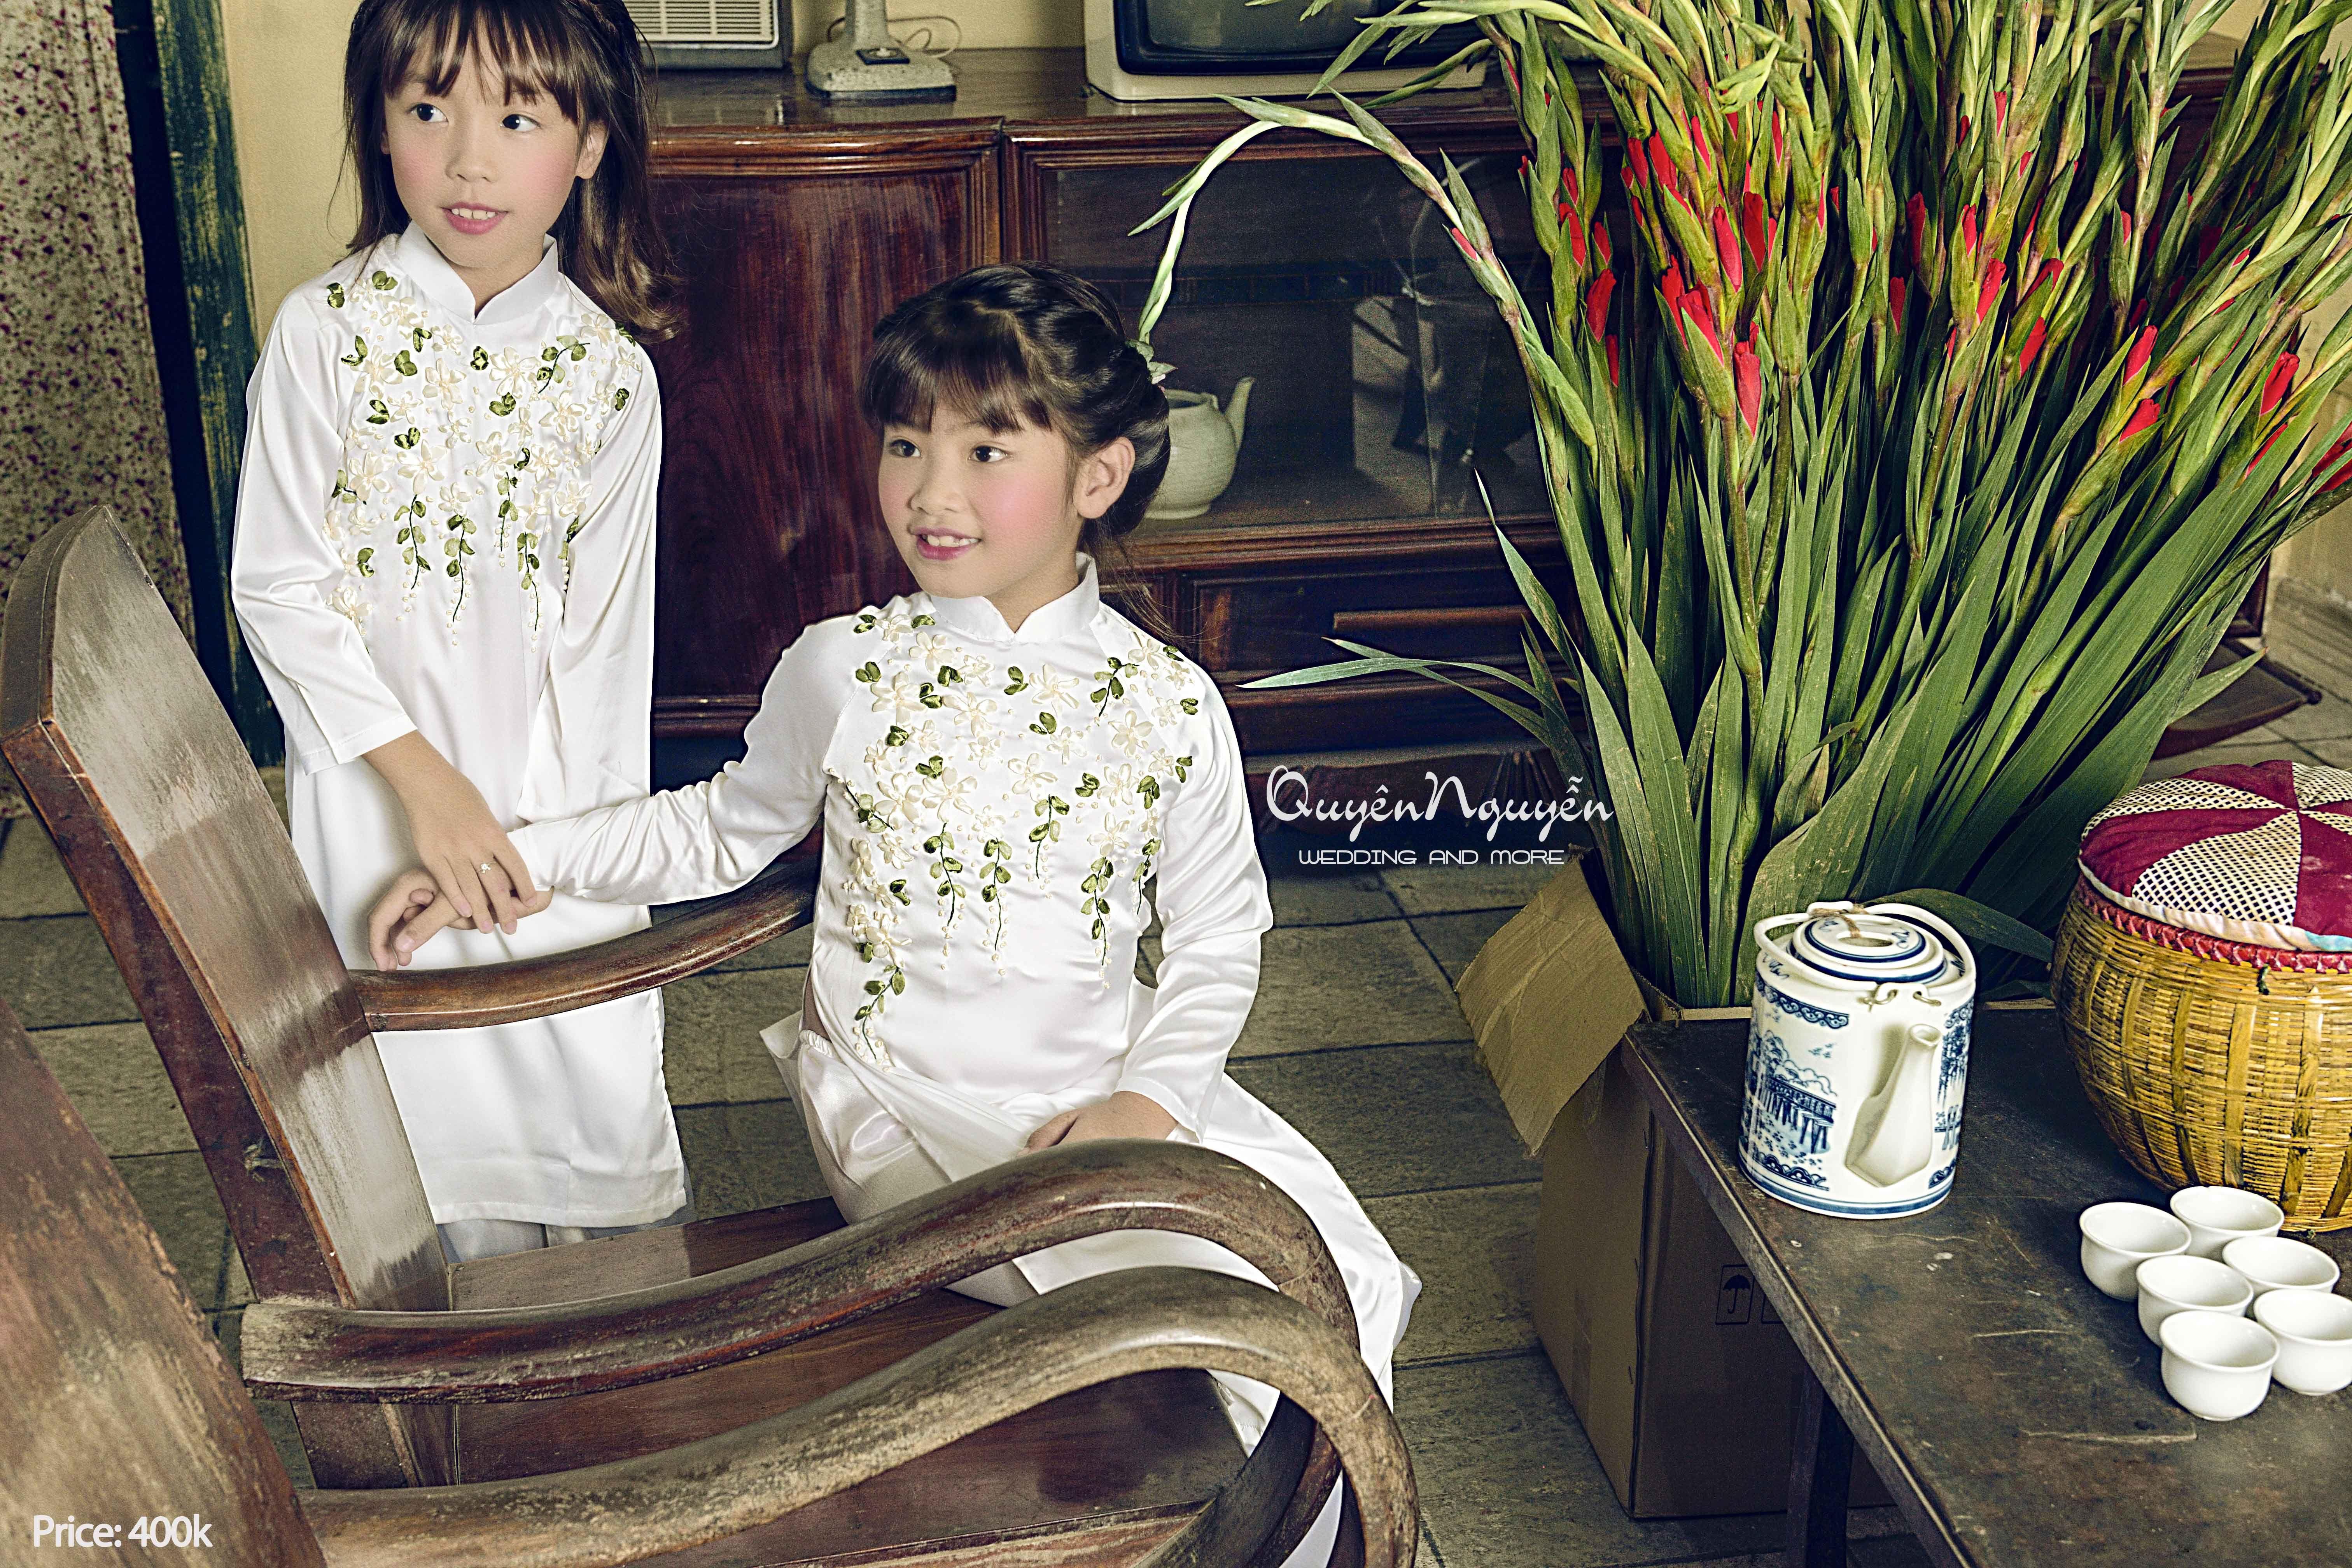 Áo dài by Quyên Nguyễn Những mẫu áo dài thiết kế riêng cho mẹ và bé cùng sánh đôi. ✨✨✨Tết này mẹ và bé đã có áo dài diện tết chưa? 👩👧👦👩👧👦👩👧👦Xúng xính mấy mẹ con cùng mặc áo dài cặp với nhau đi chúc tết ông bà thì đẹp lắm nhỉ :) :) :) #quyennguyen #quyennguyenbridal #aodaibyQuyenNguyen #aodai #thêu Quyên Nguyễn Bridal Ad: 12b Mai hắc Đế, HbT, HN Hotline: 0936 880066_ 016 88330066